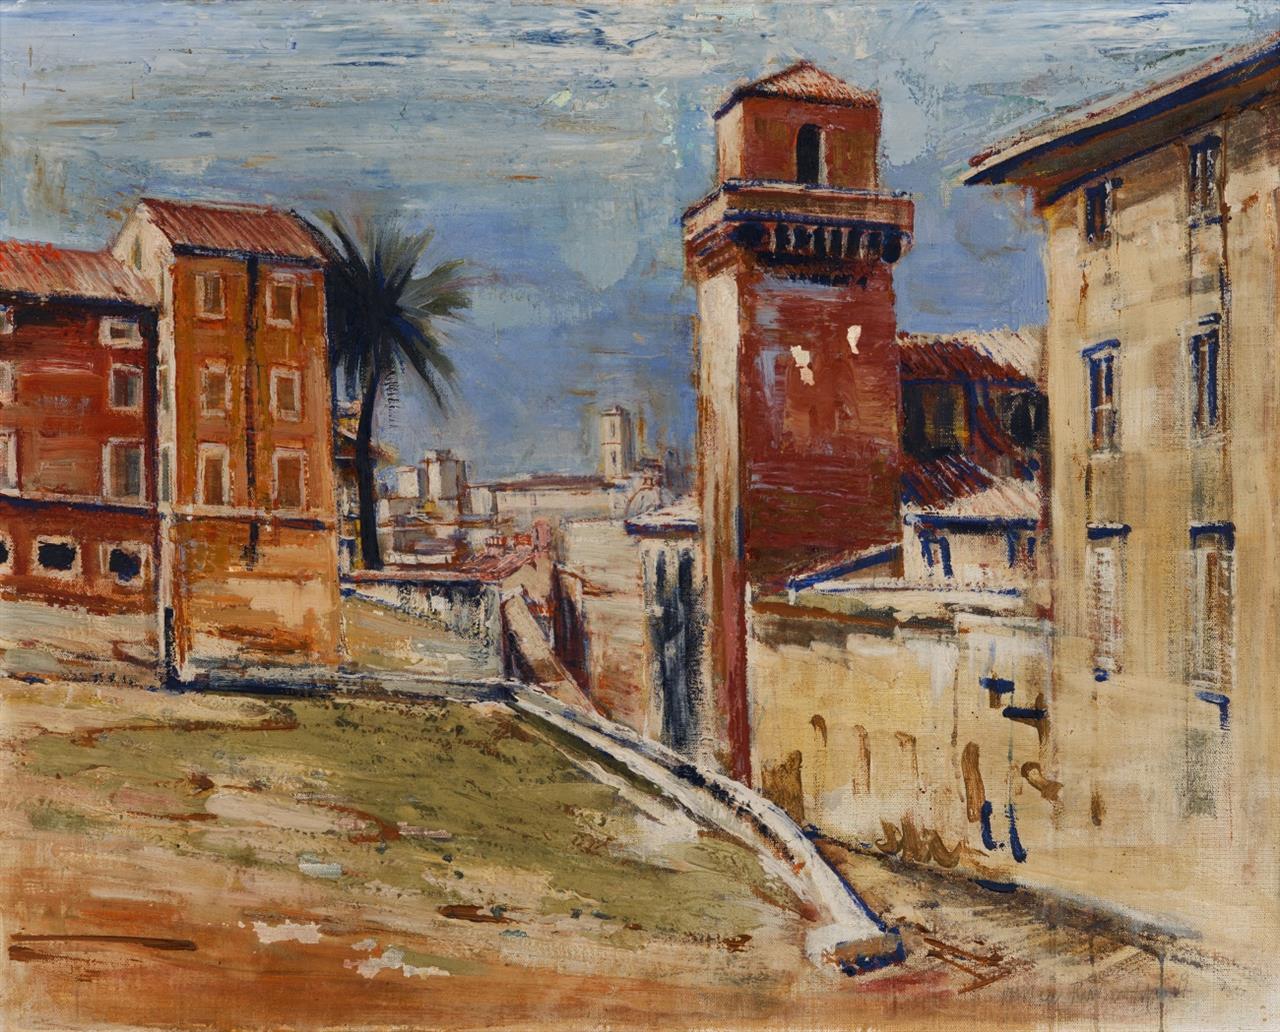 Anton Räderscheidt. Torre dei Borgia, Rom. 1933. Öl auf Leinwand. Signiert.